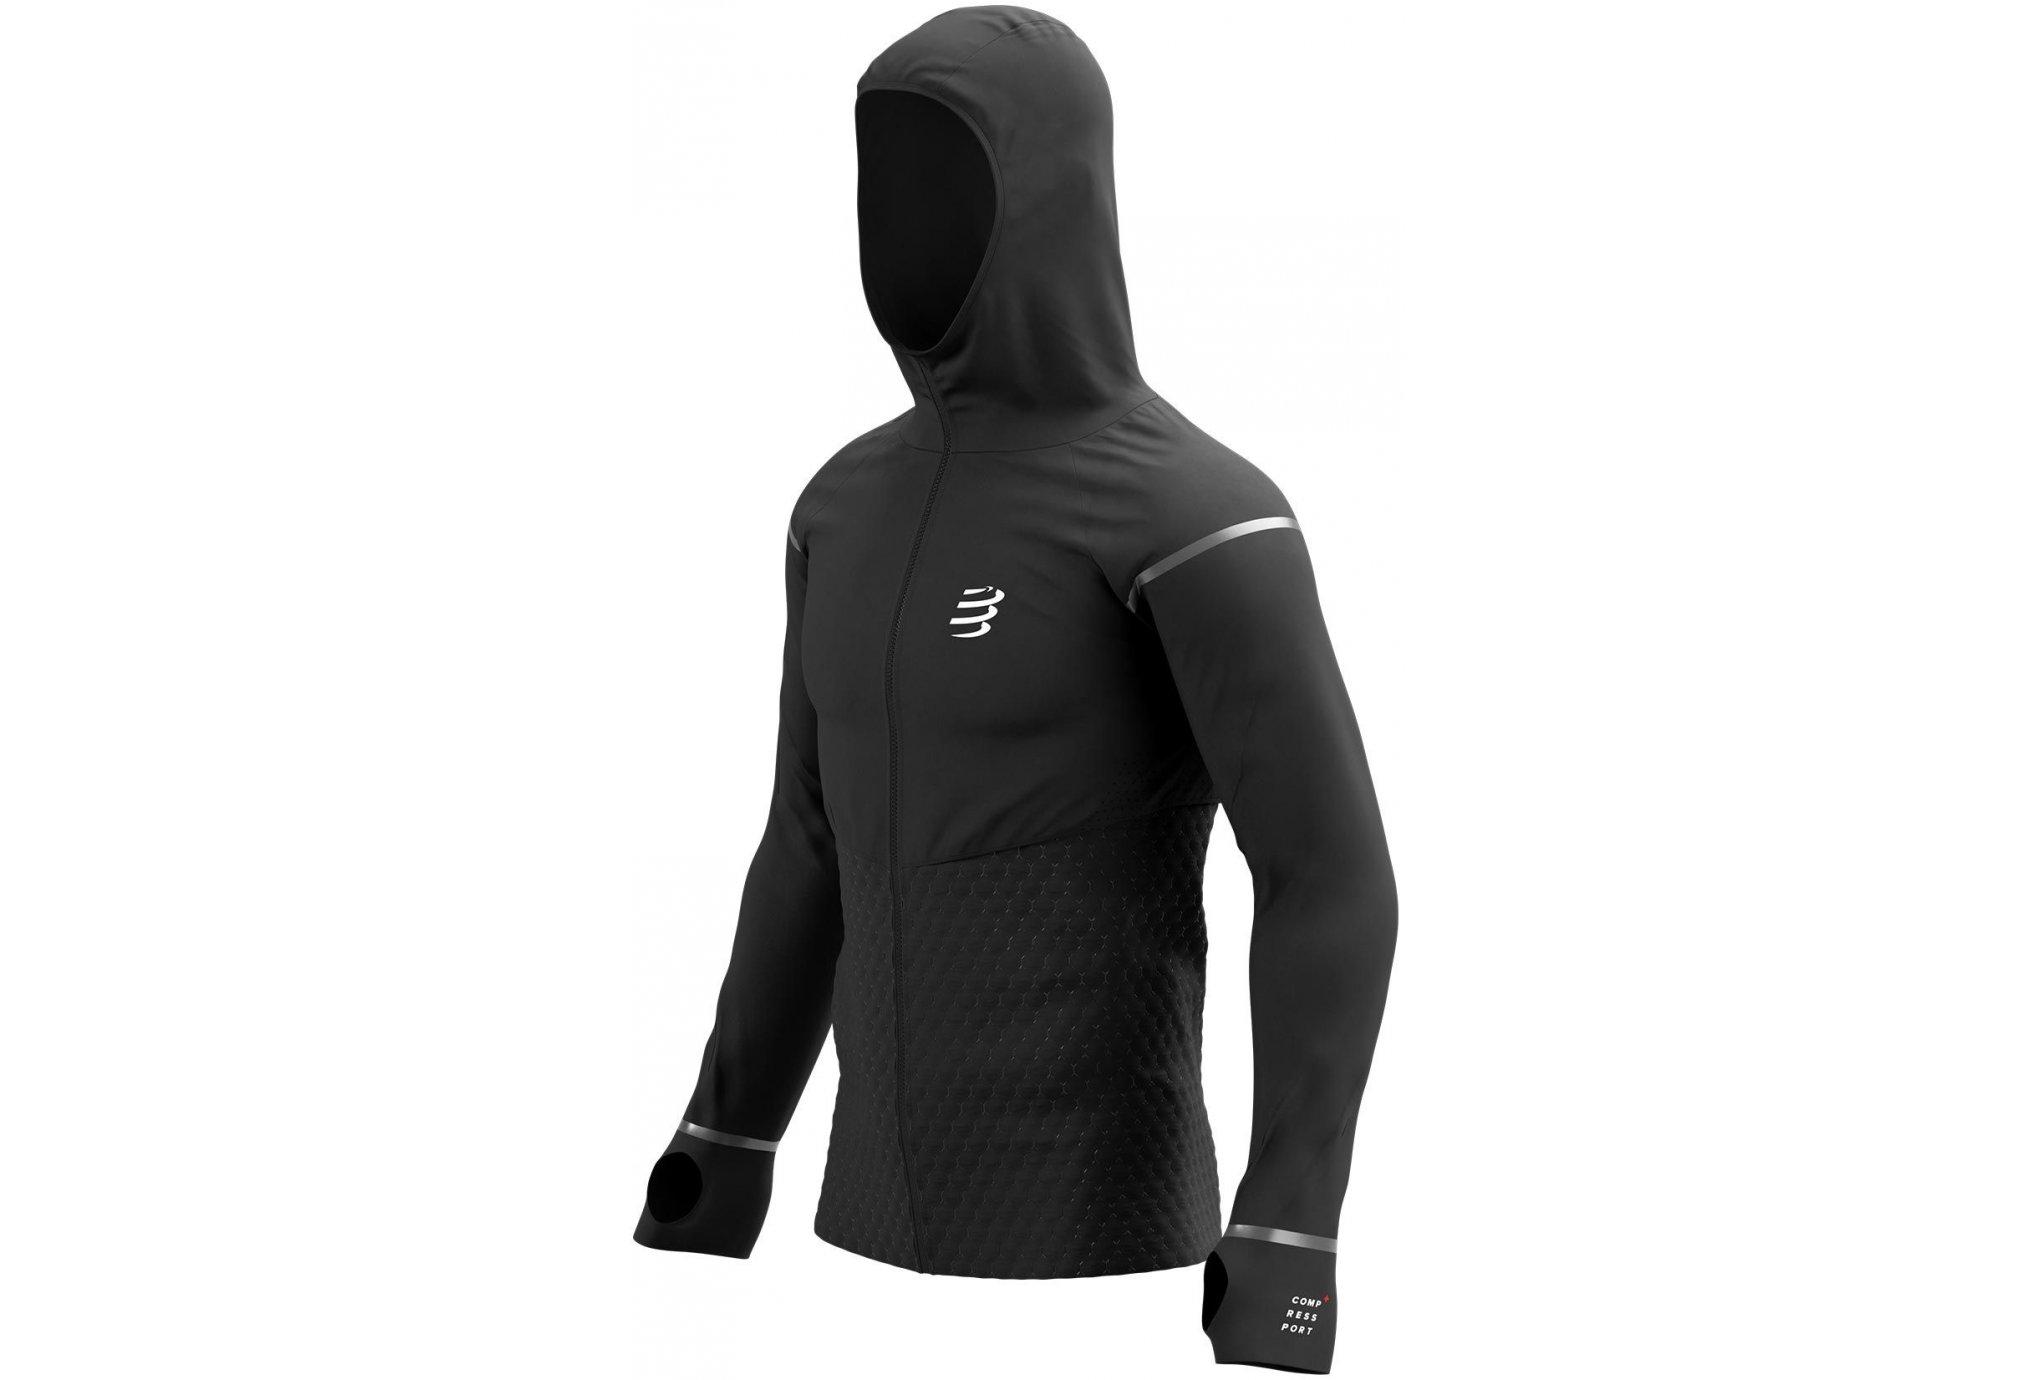 Compressport Winter Insulated 10/10 M vêtement running homme